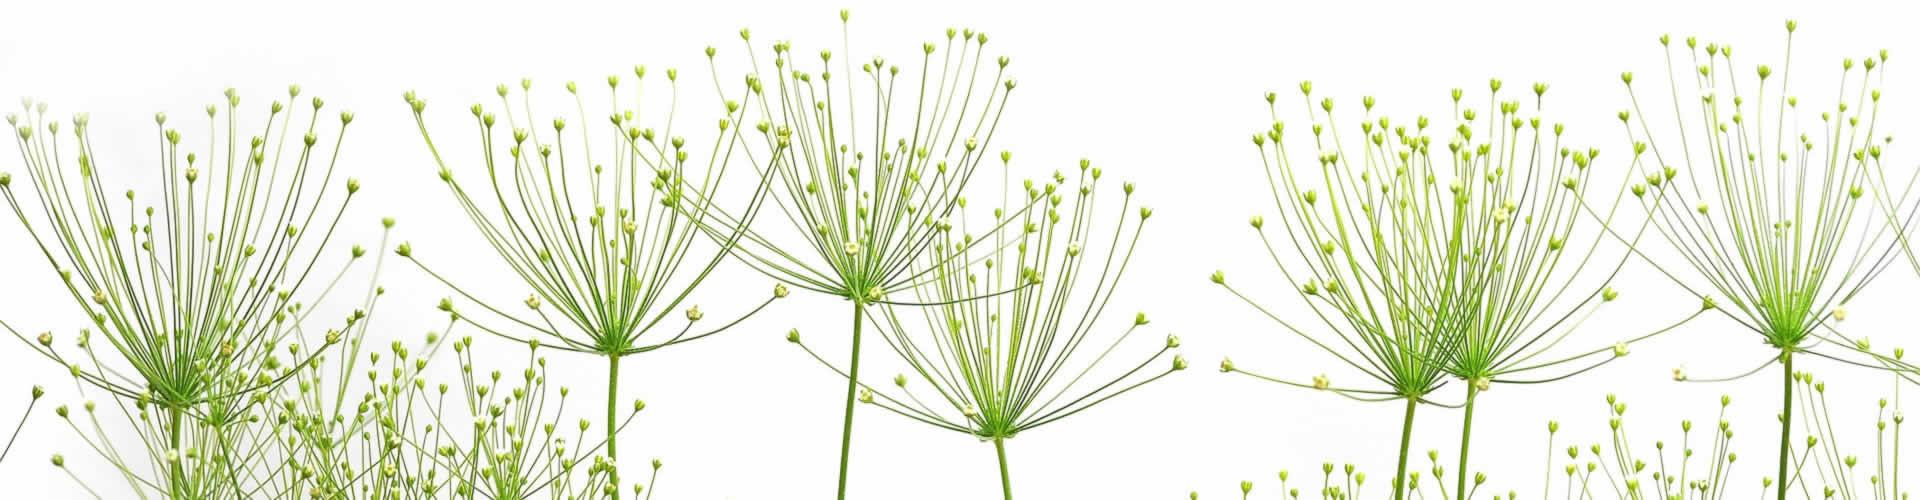 Titelbild Grüne Pflanzen Faktura-XP® Warenwirtschaftssystem